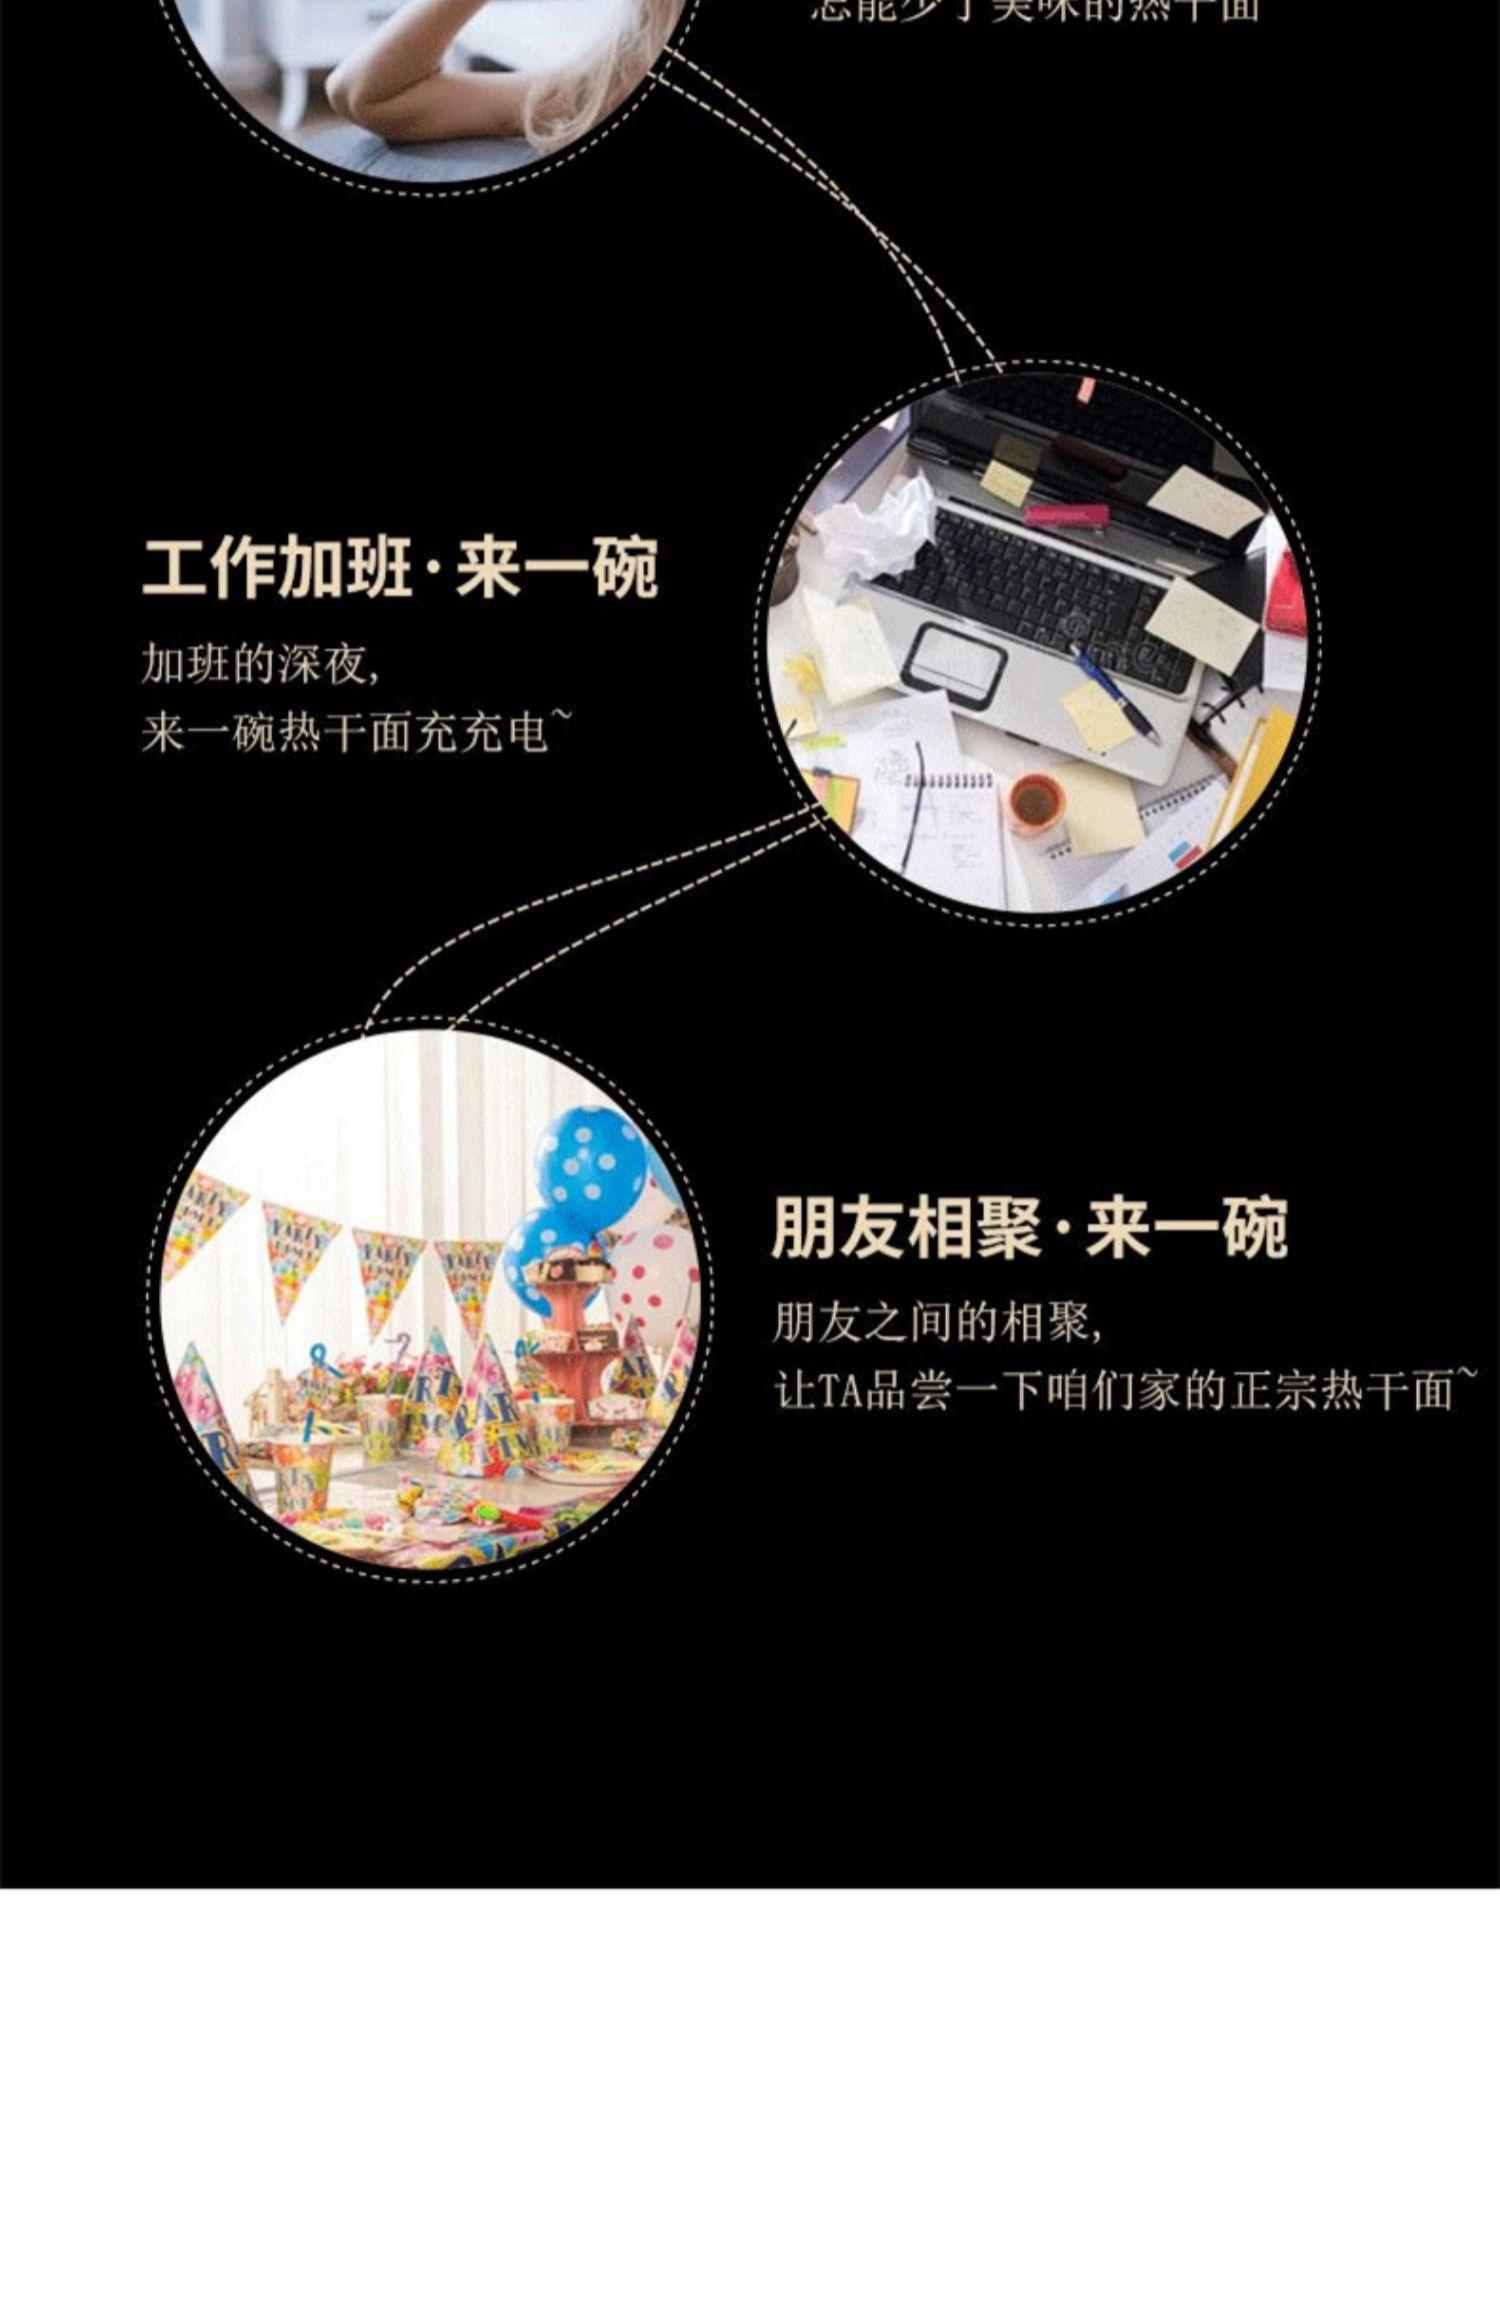 襄盛源武汉热干面商品图片-9